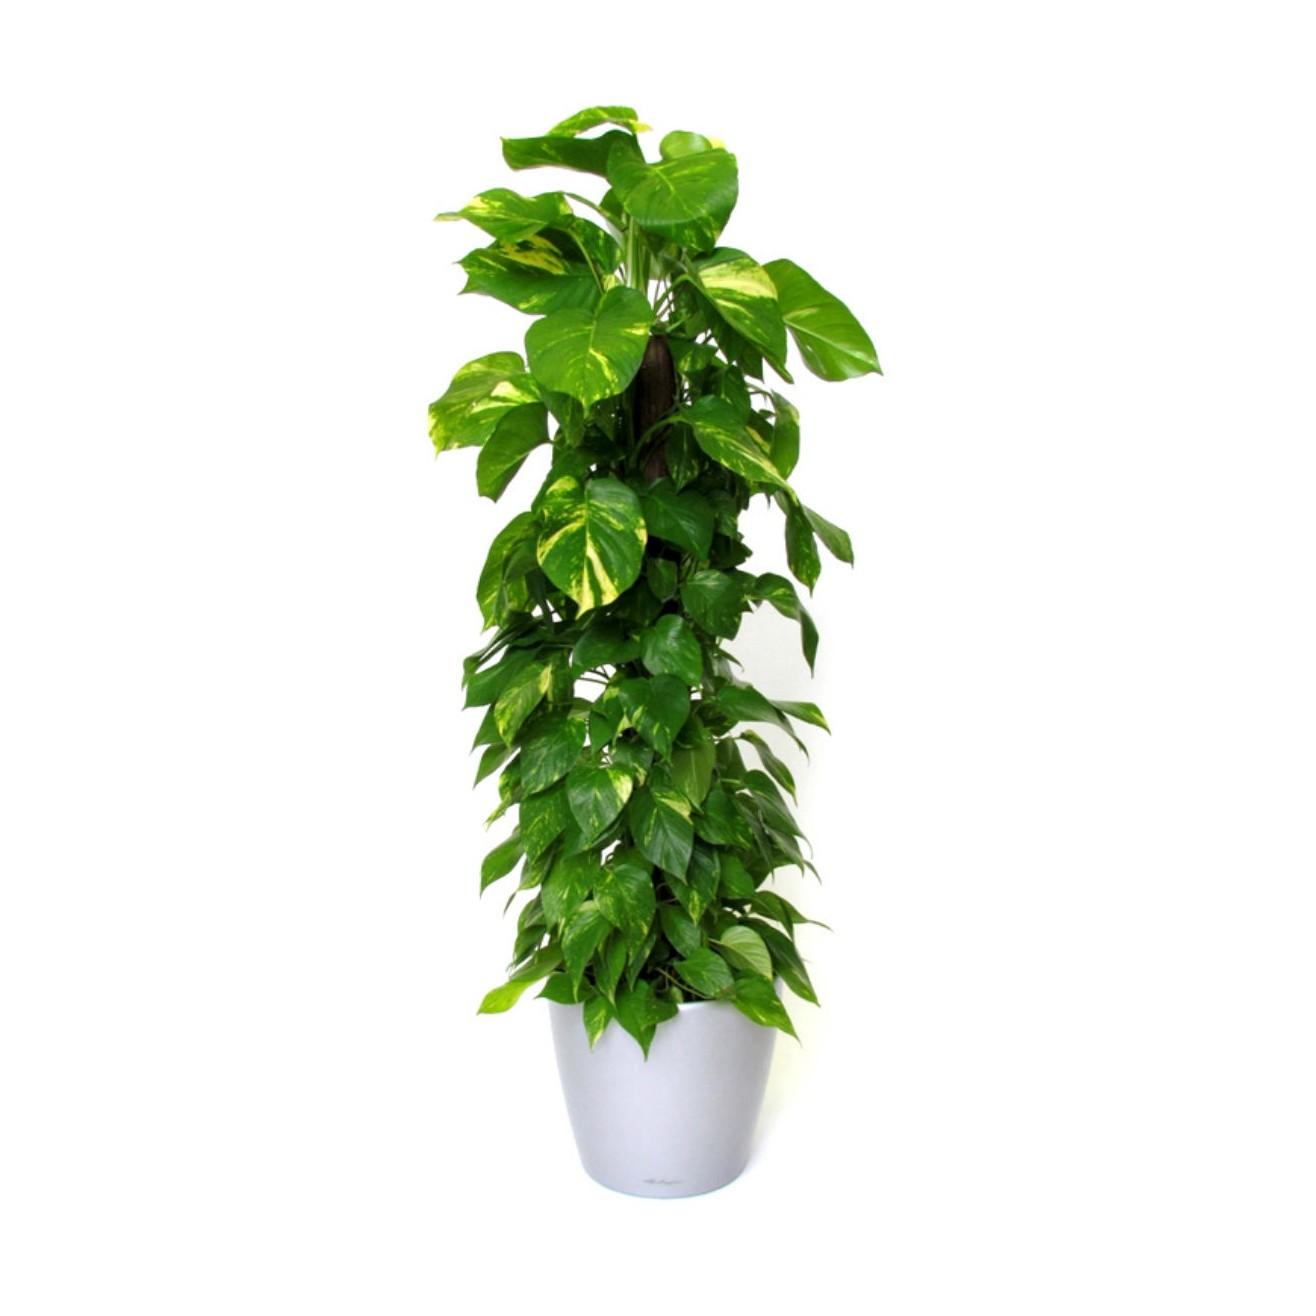 De 10 beste luchtzuiverende planten volgens NASA